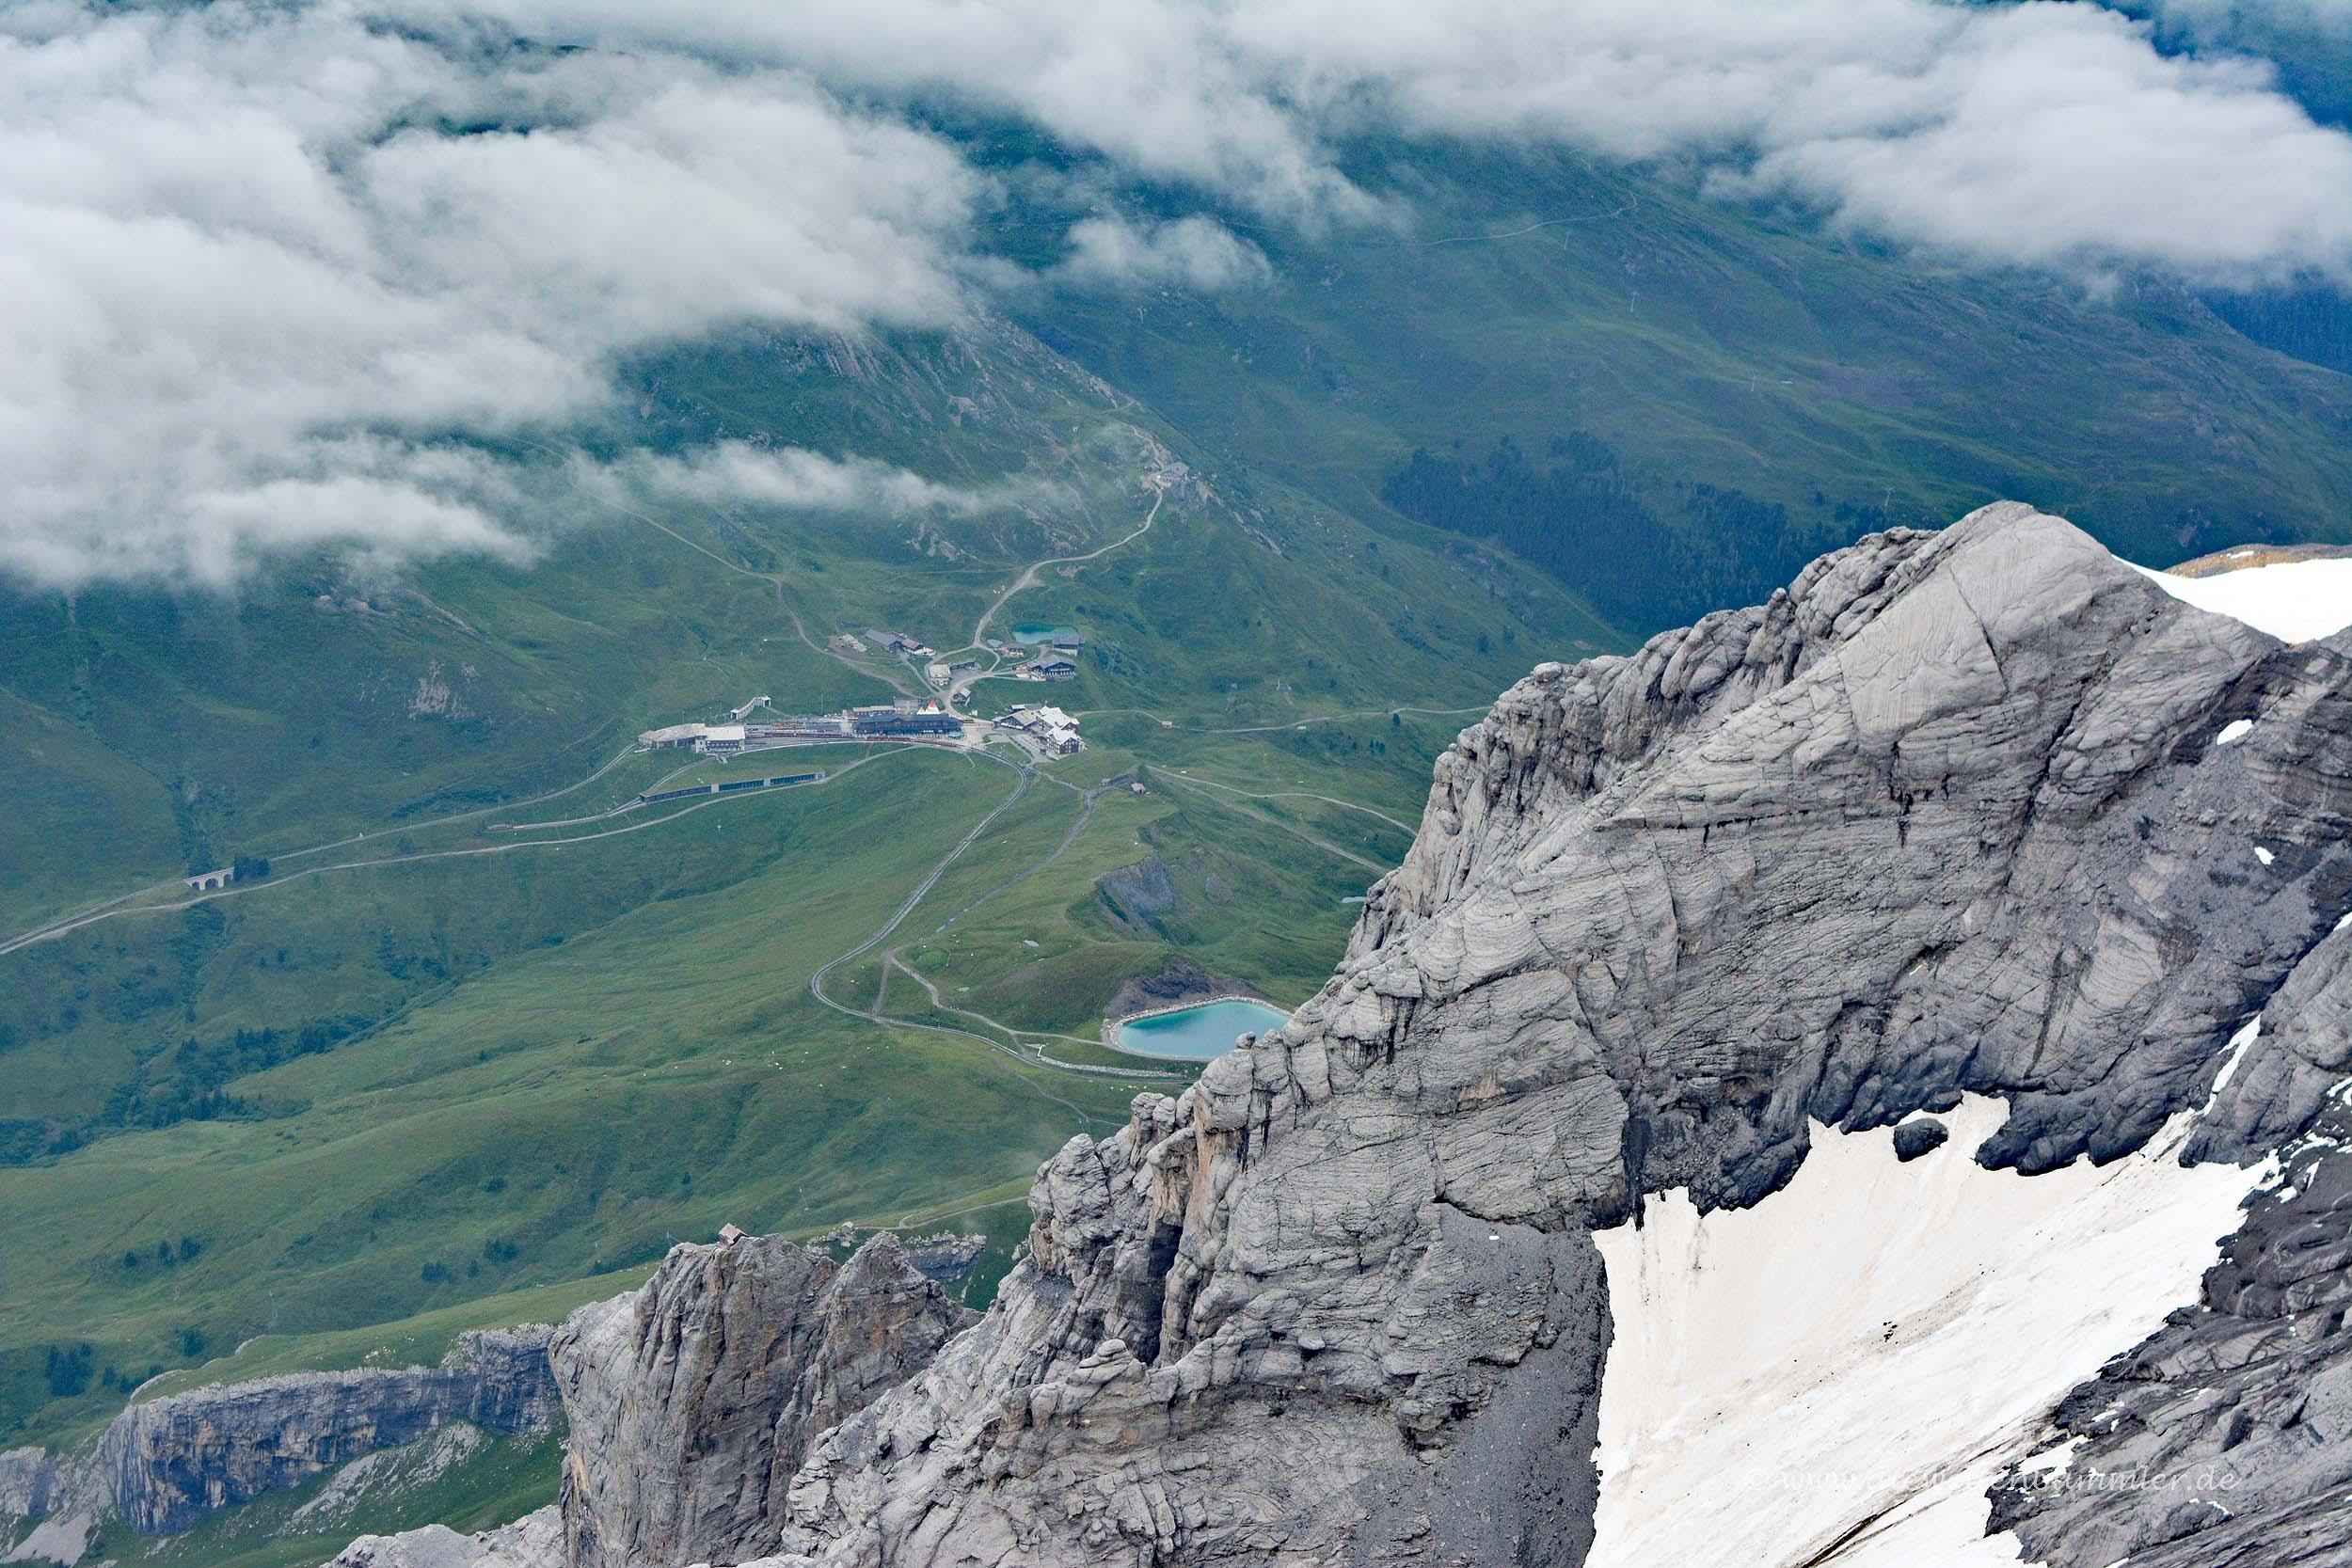 Blick auf den Fallbodensee vom Jungfraujoch aus